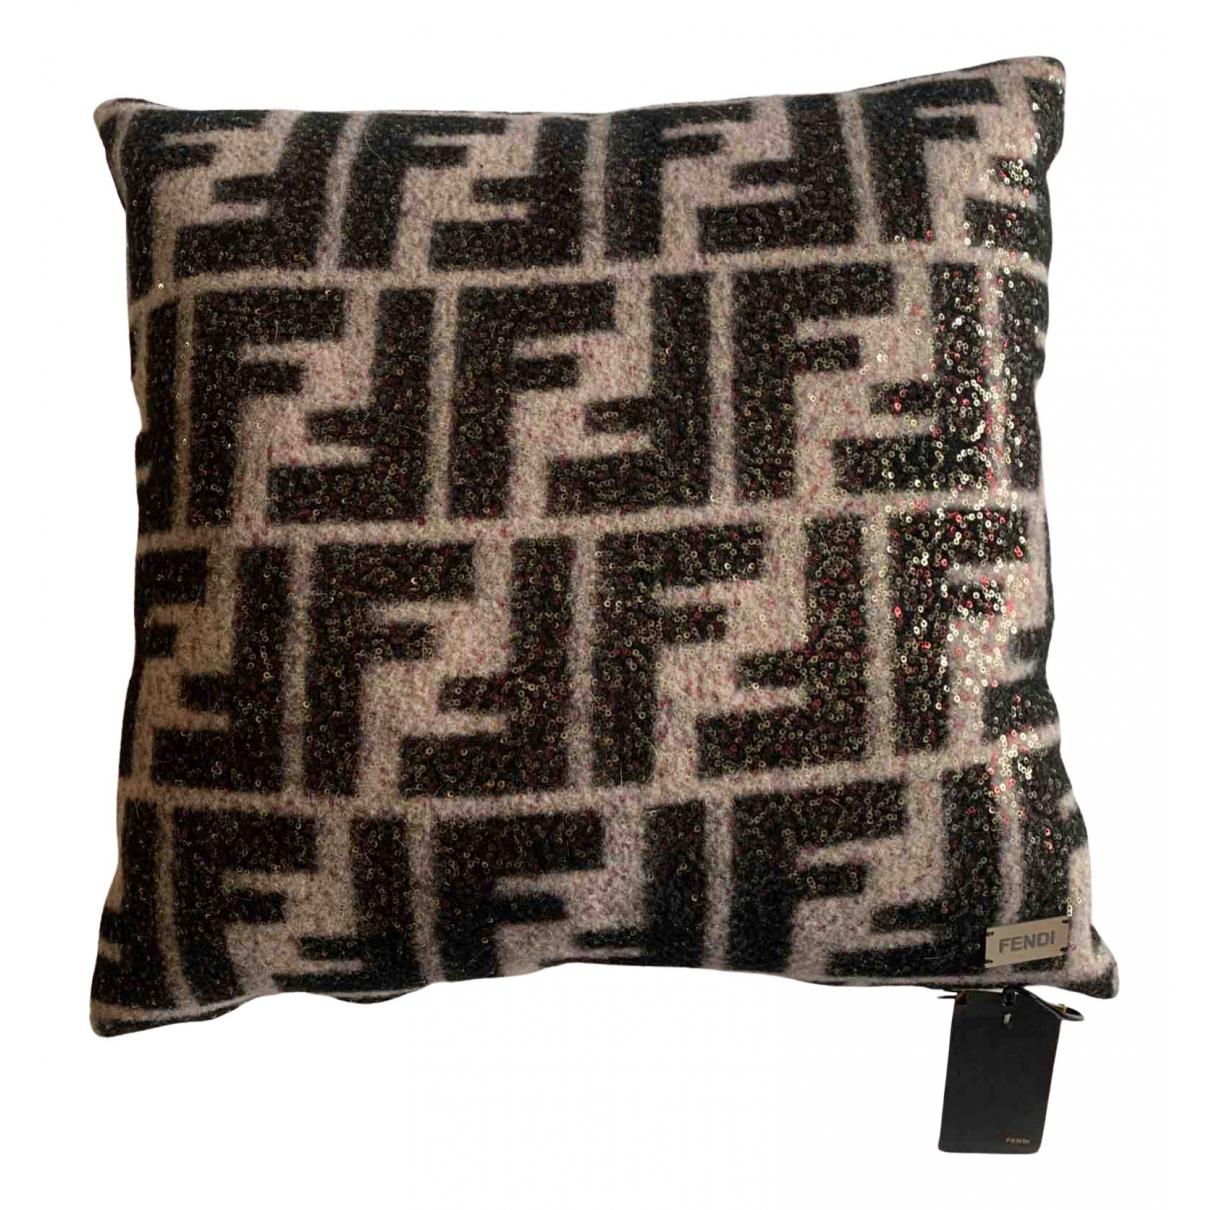 Fendi - Linge de maison FF pour lifestyle en laine - multicolore